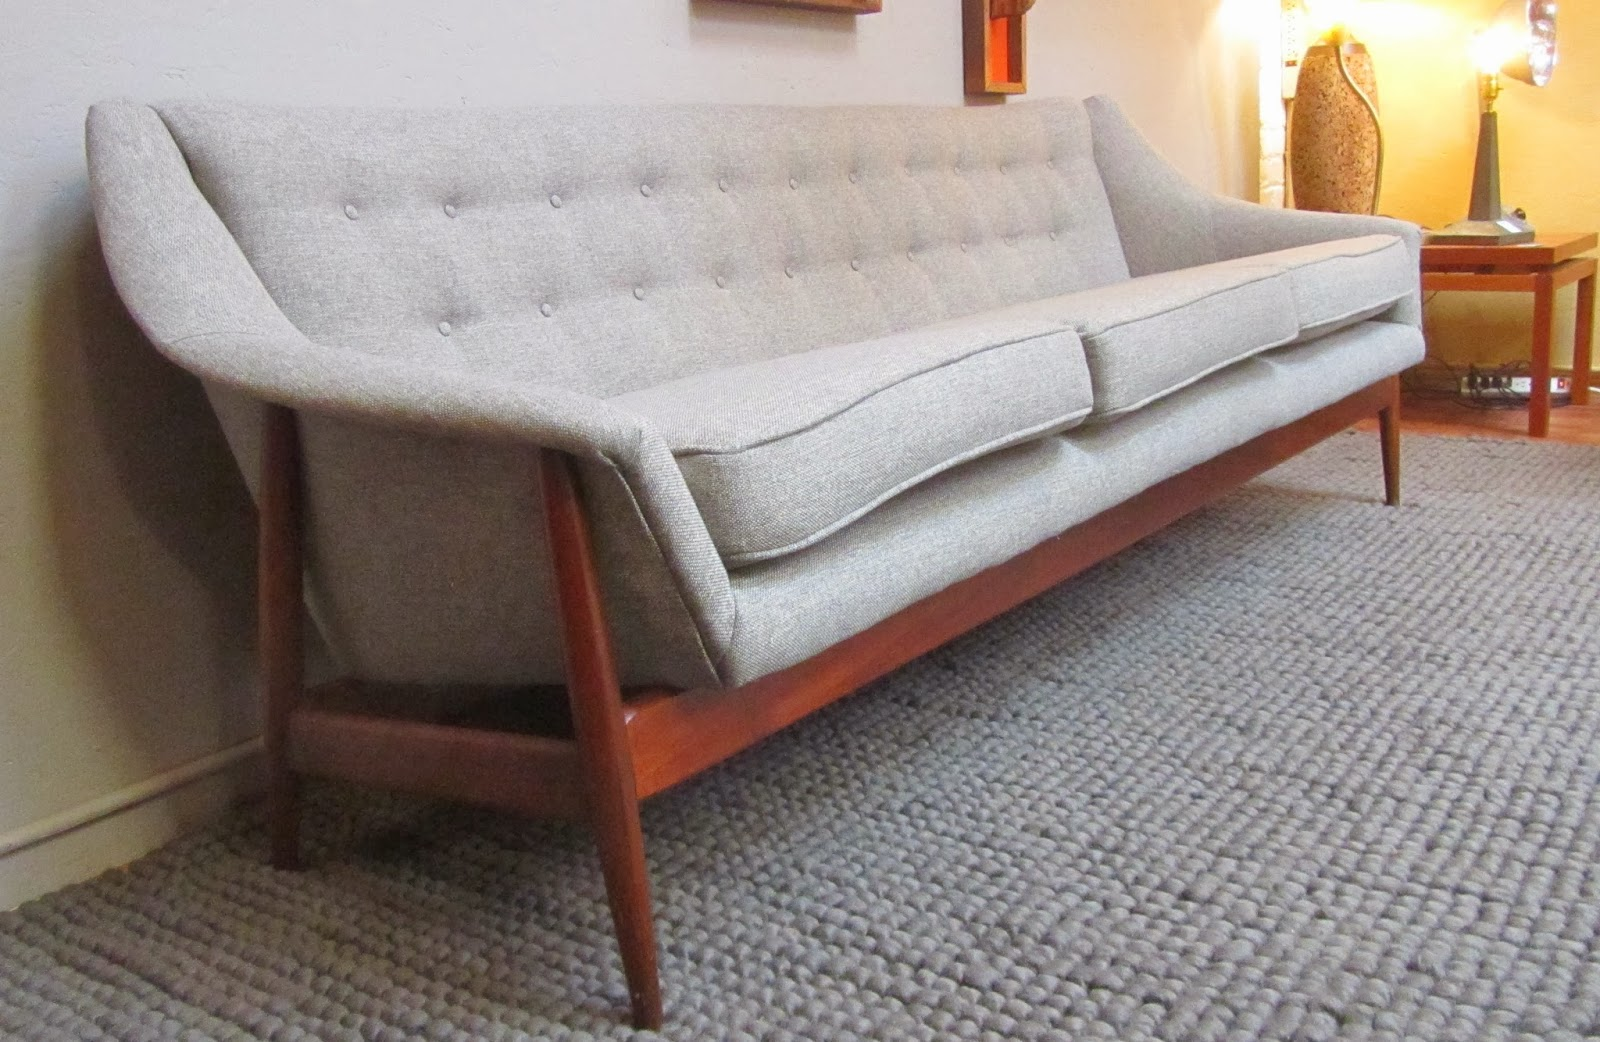 Dux Sofa By Folke Ohlsson Corner Bed Argos Remnant Reupholstered